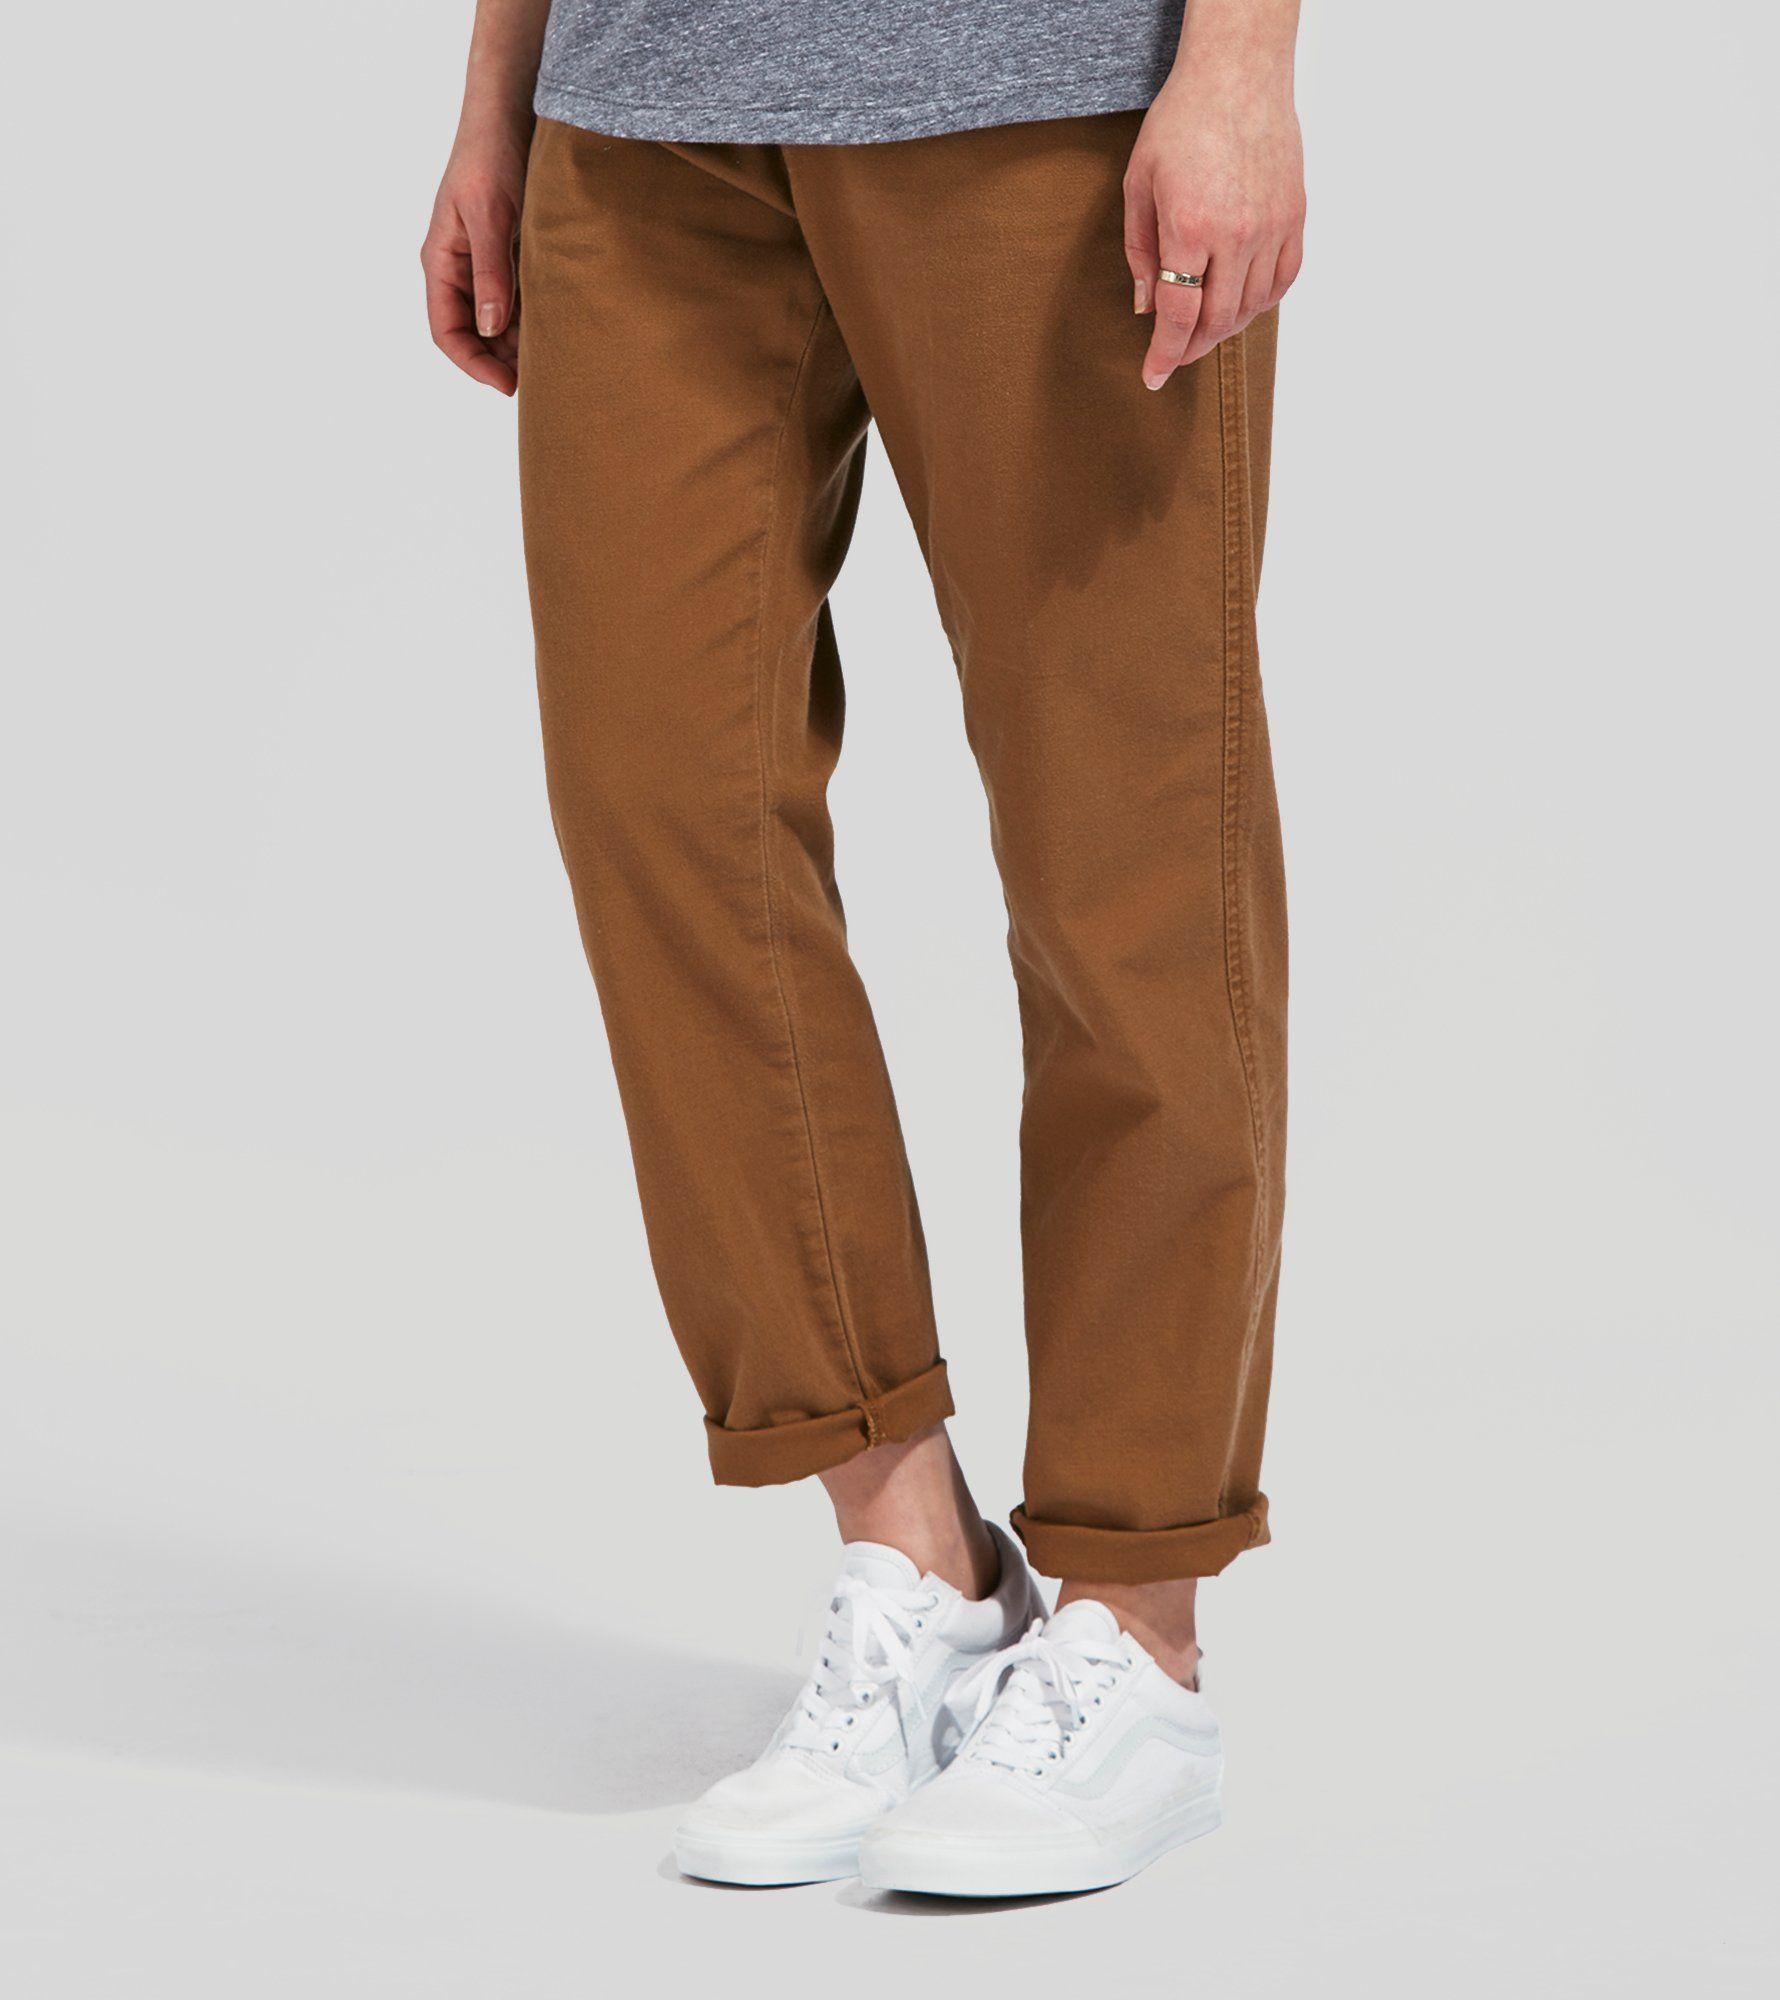 Pierce Ankle Jeans white Carhartt Work in Progress Spielraum Bilder Günstig Kaufen Bequem Mode-Stil Günstig Online Echt Günstig Online Kaufen Online-Verkauf DdETAa